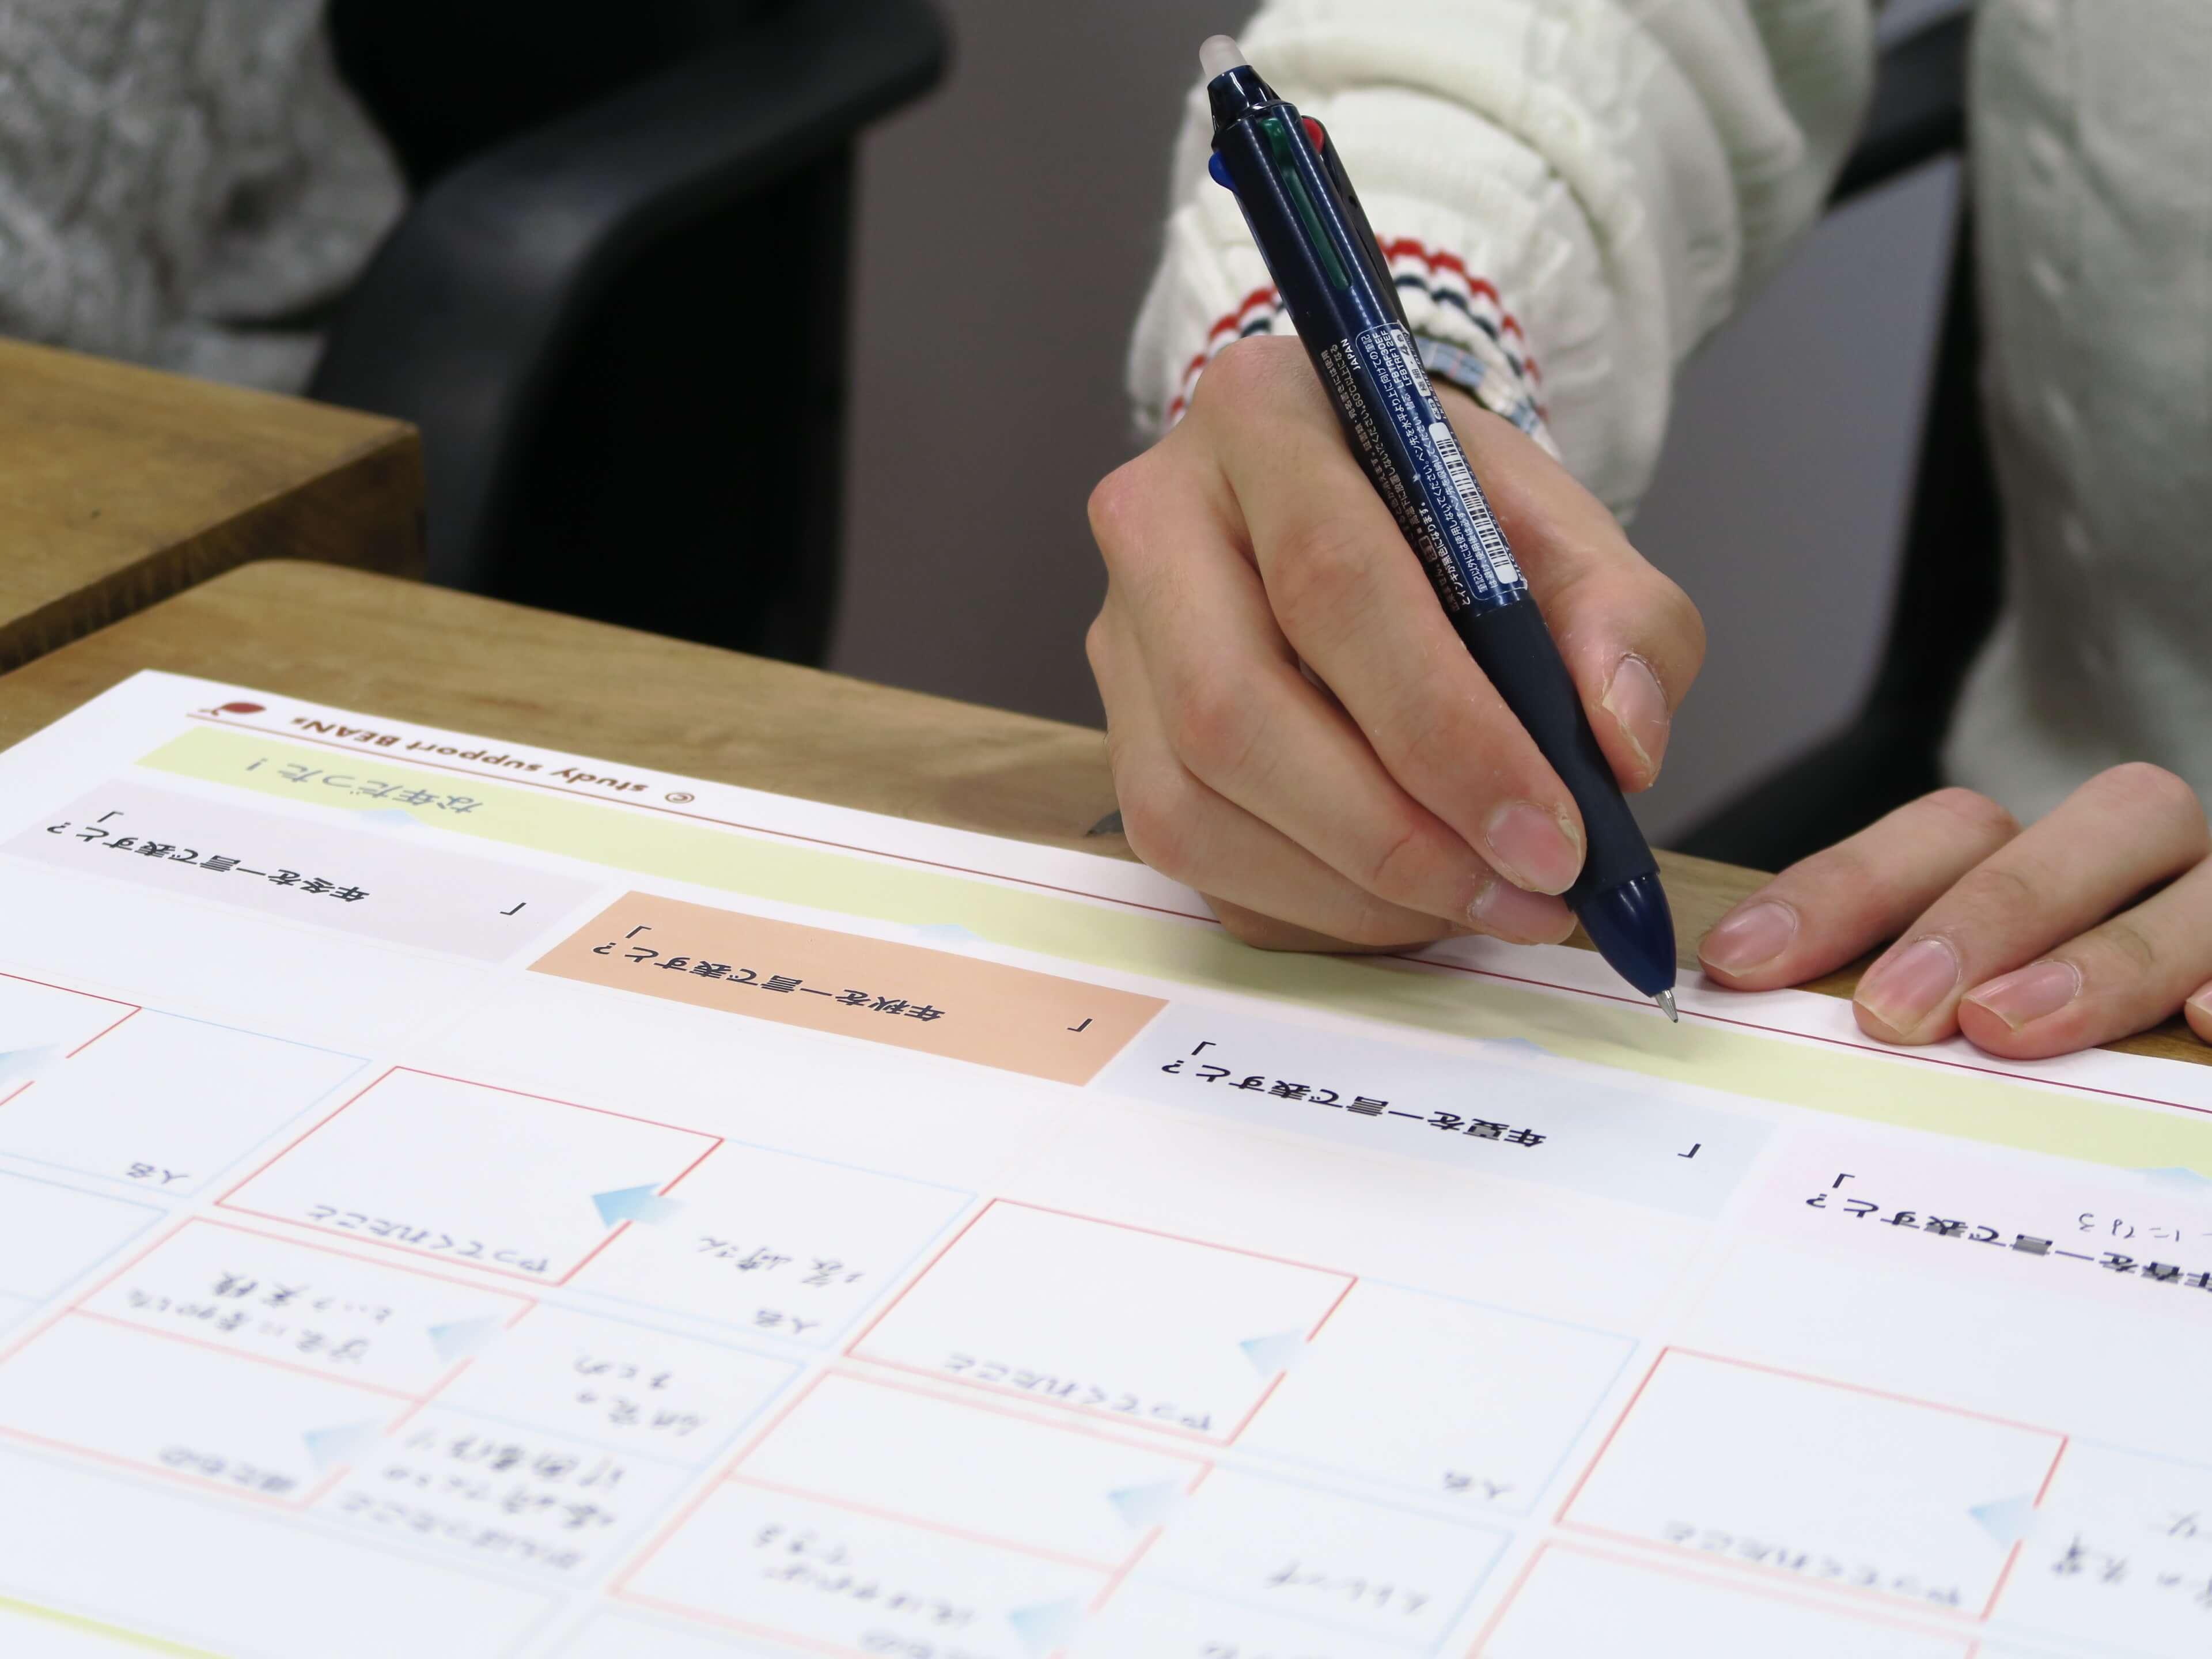 新宿区高田馬場 学習支援塾ビーンズ 一年の振り返り・計画ワーク